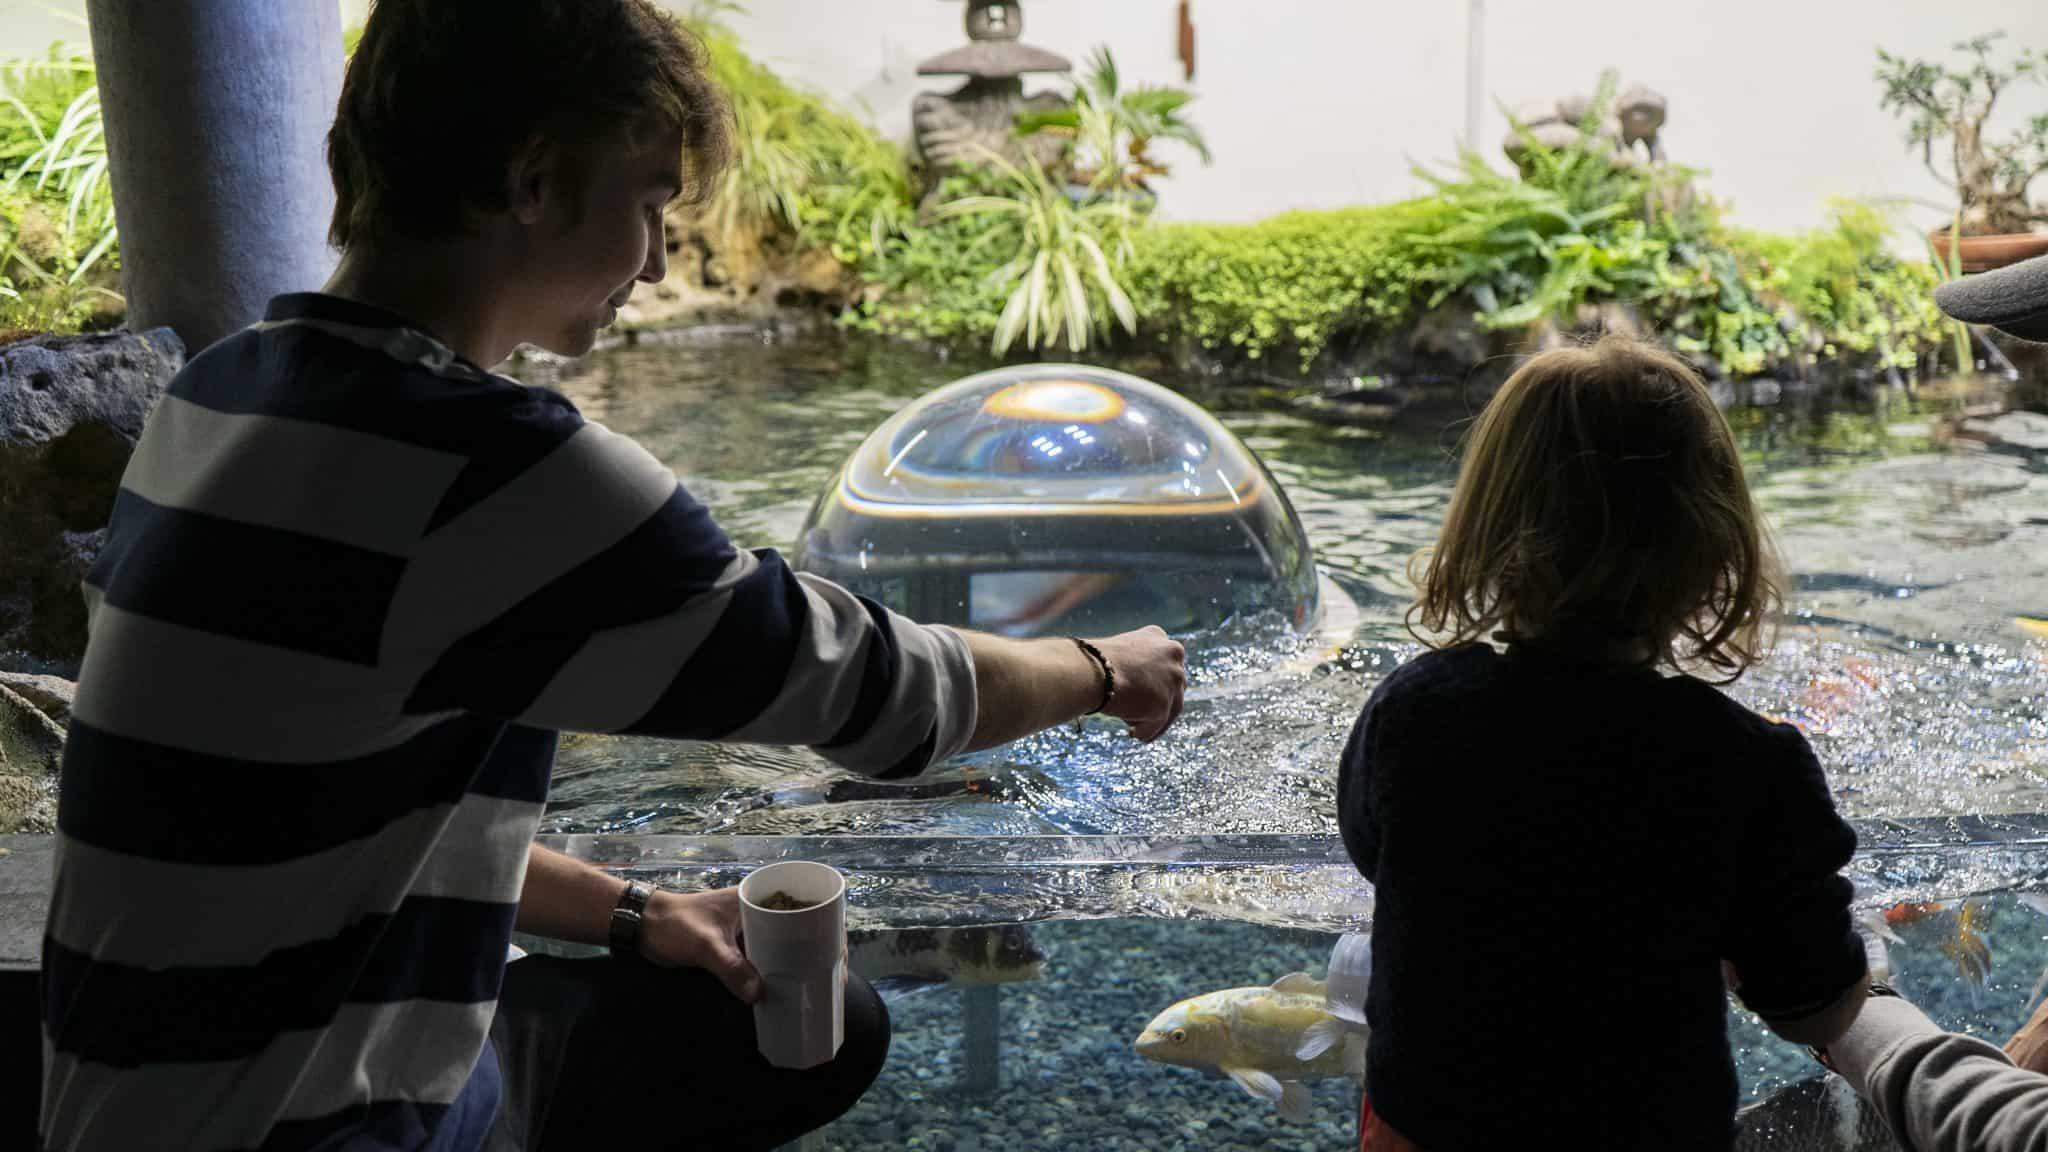 Nourrissage au bassin caresses - Aquarium de Paris